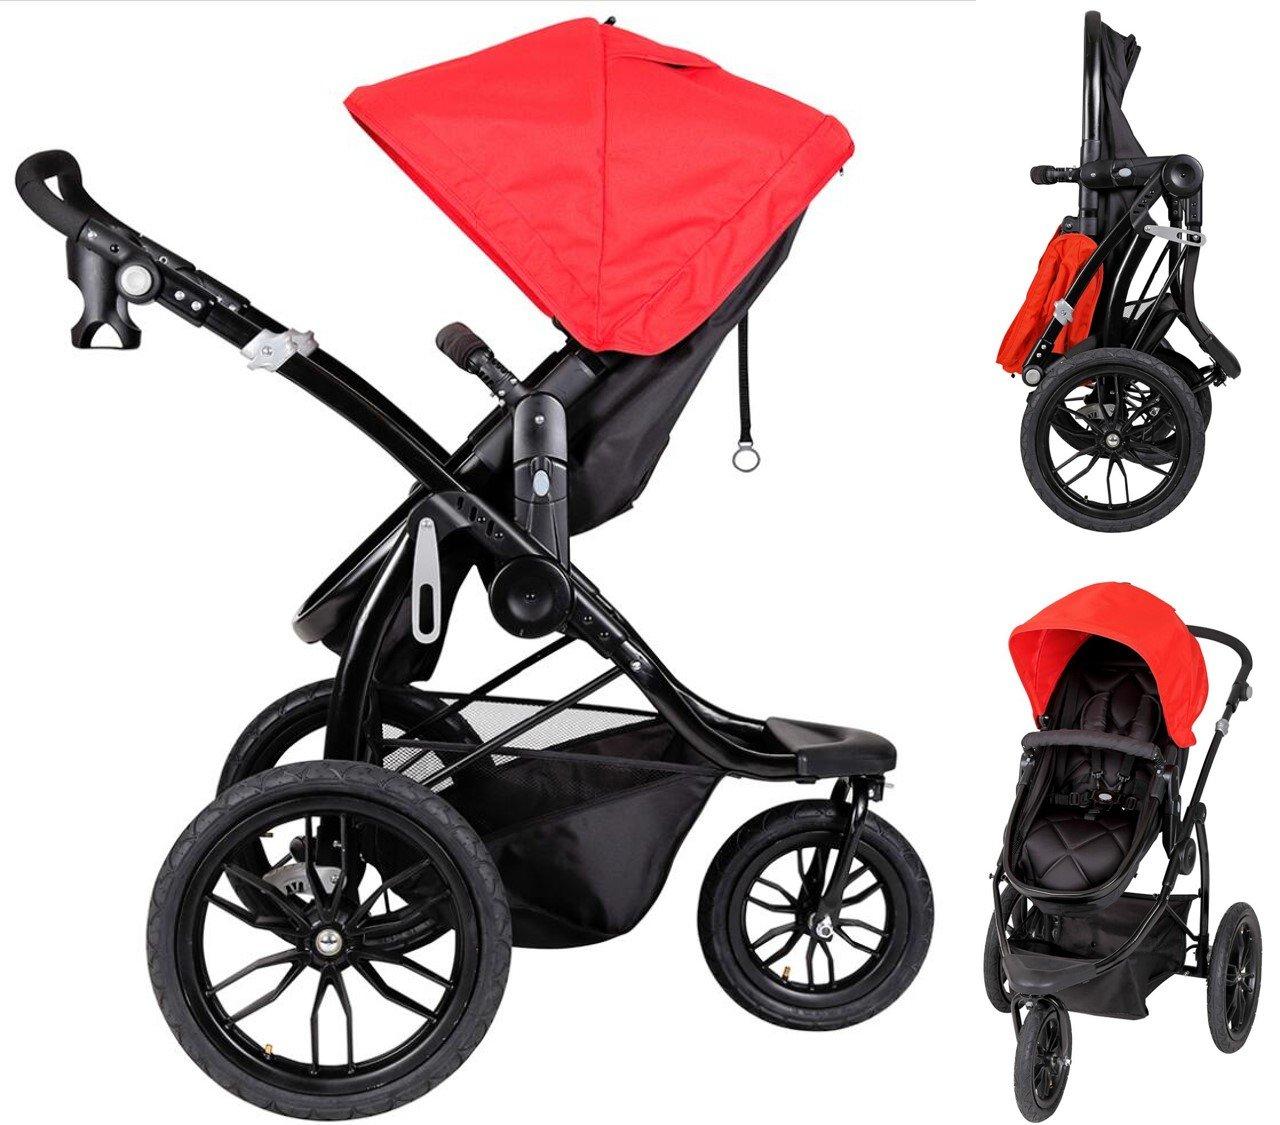 Papilioshop Manta – Cochecito para niños y bebés para caminar, senderismo, deporte de montaña, playa, ligero, económico, bolsa cubrepiernas, ...